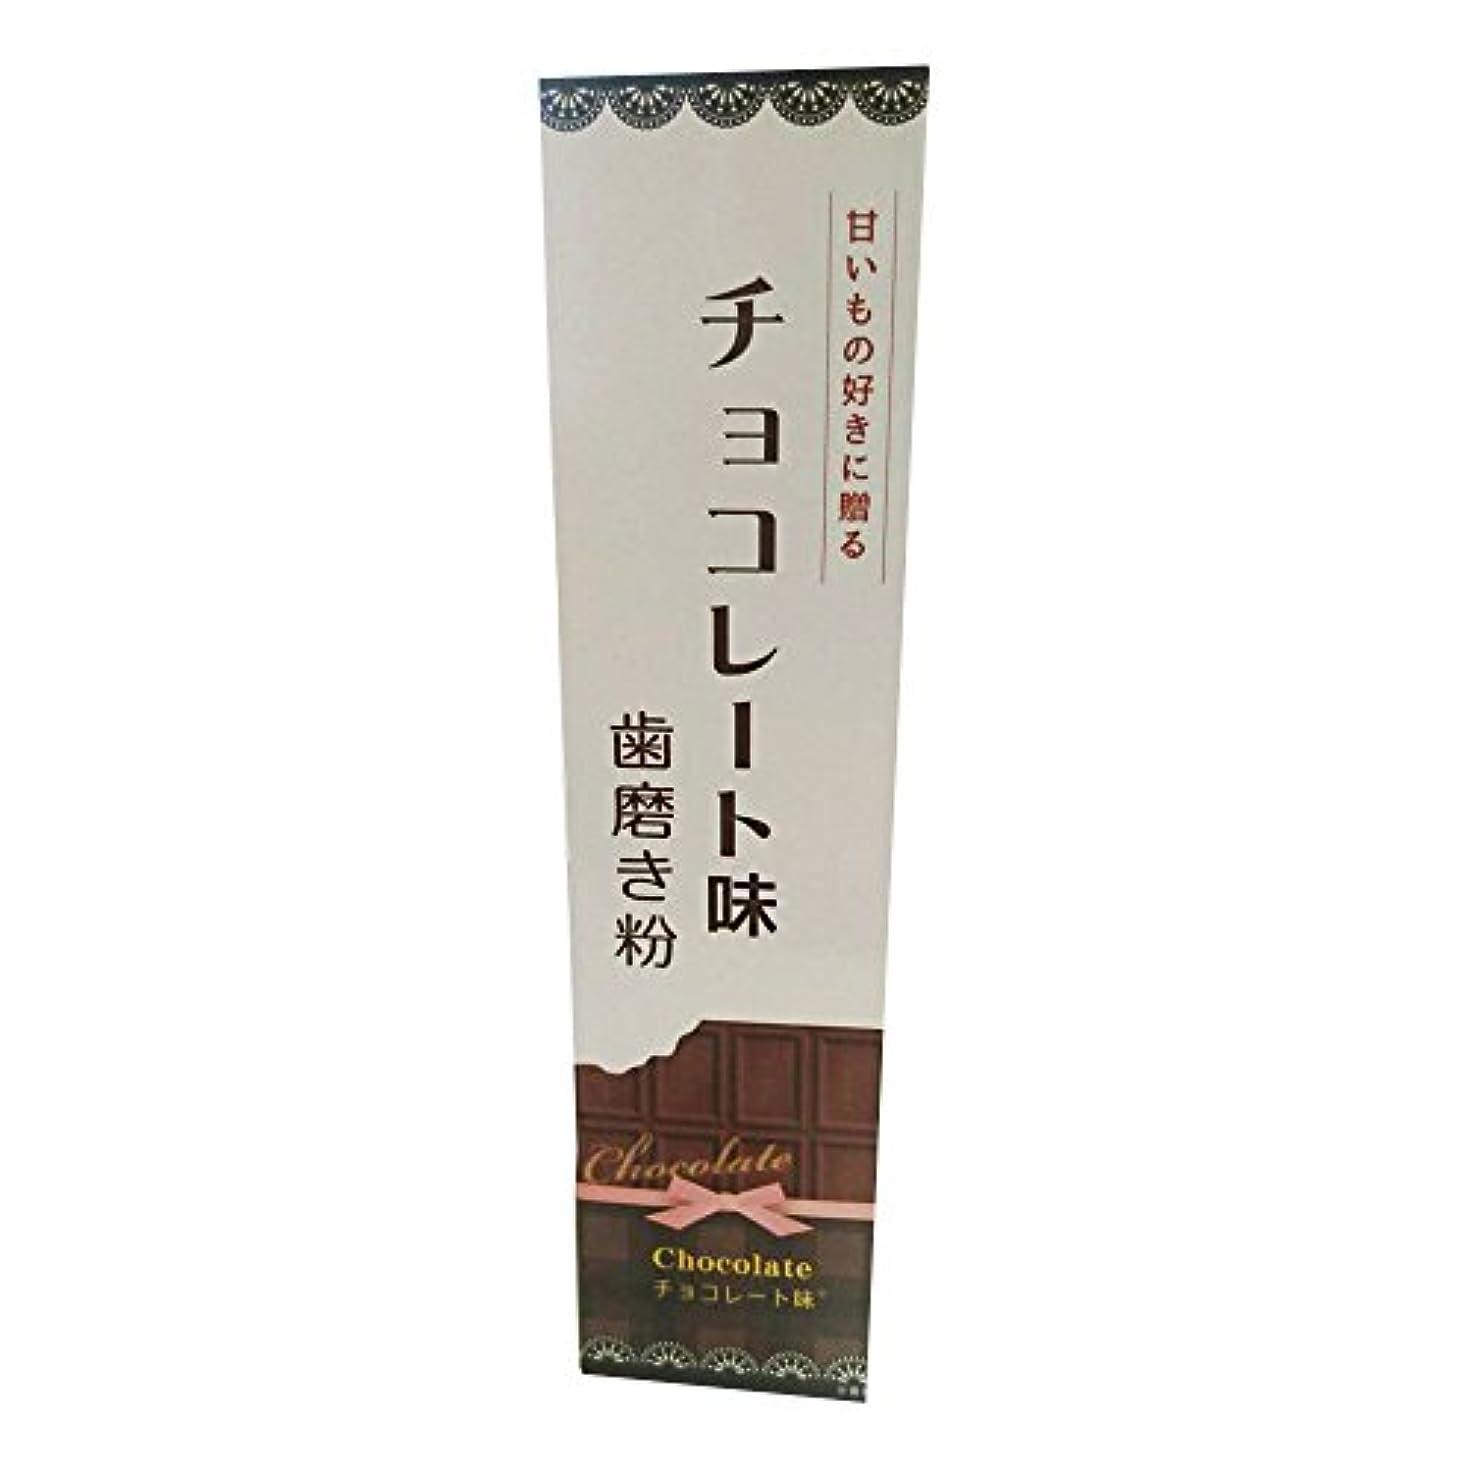 むき出し名前を作るウィンクフレーバー歯磨き粉チョコレート味 70g